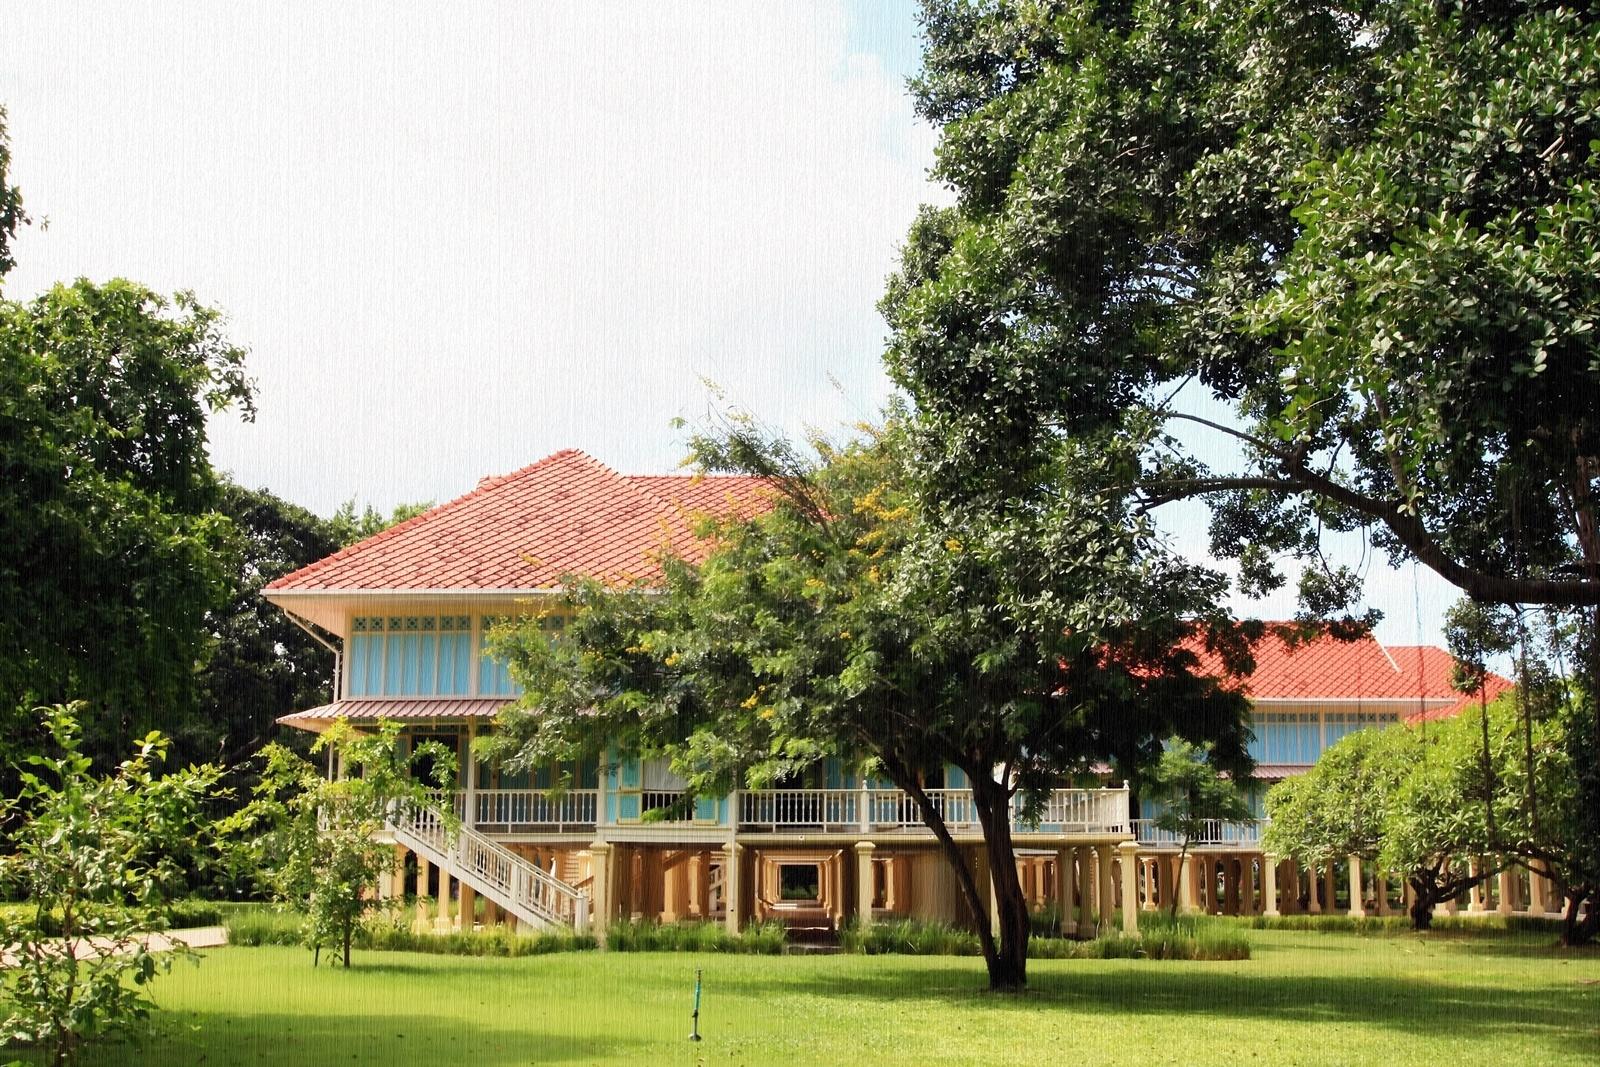 Royal Palace No. 1 by Toom Wai Thong